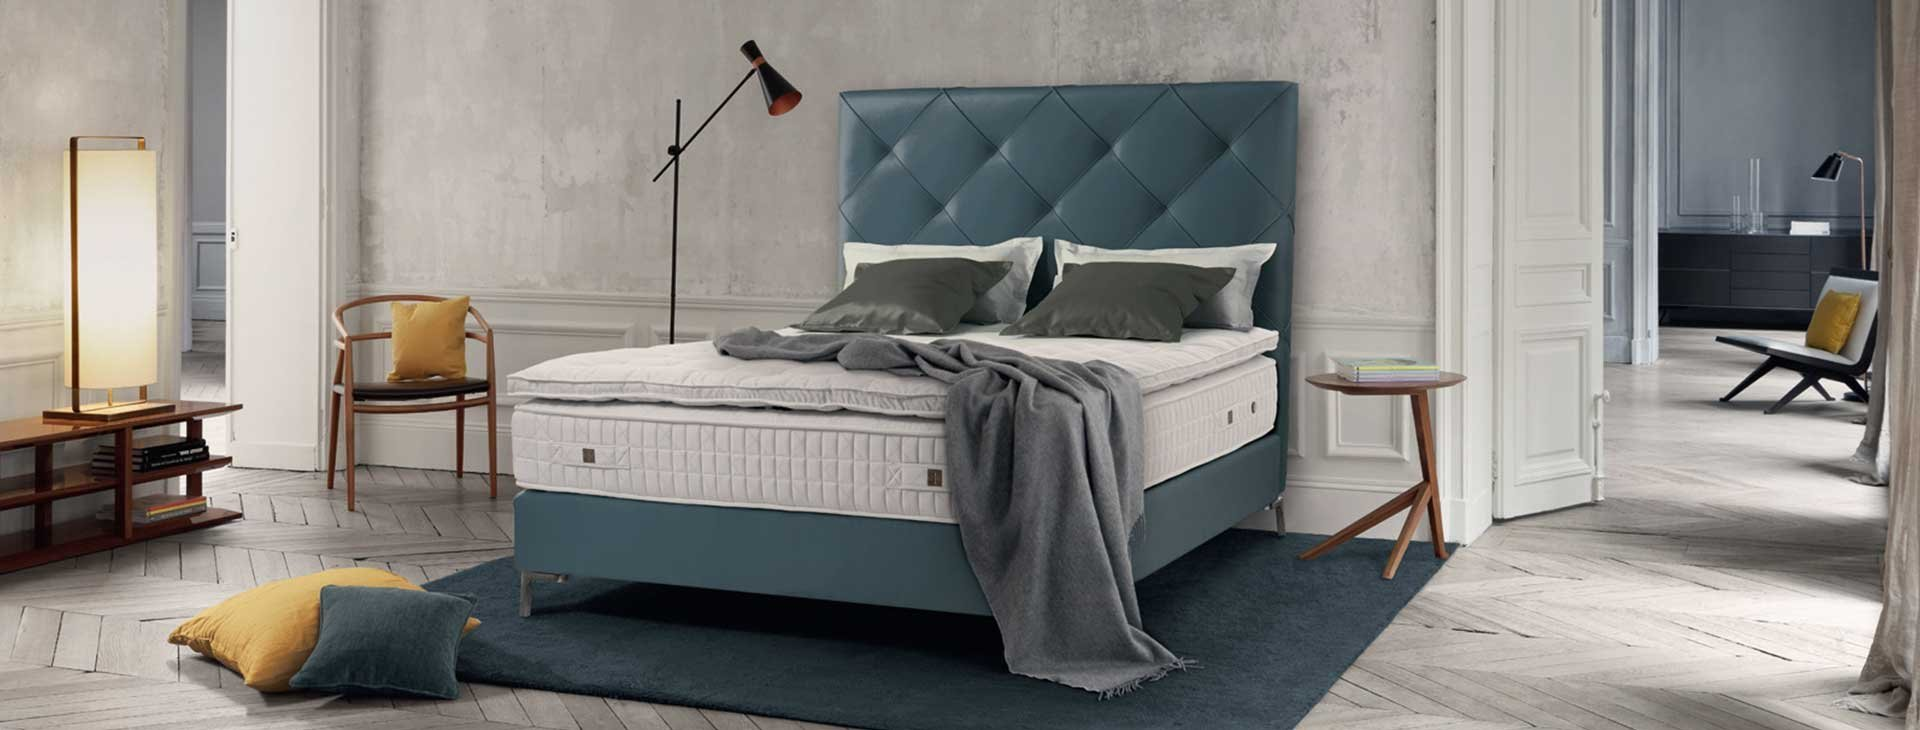 Treca interiors ihre brands im stilwerk d sseldorf for Stilwerk berlin verkaufsoffener sonntag